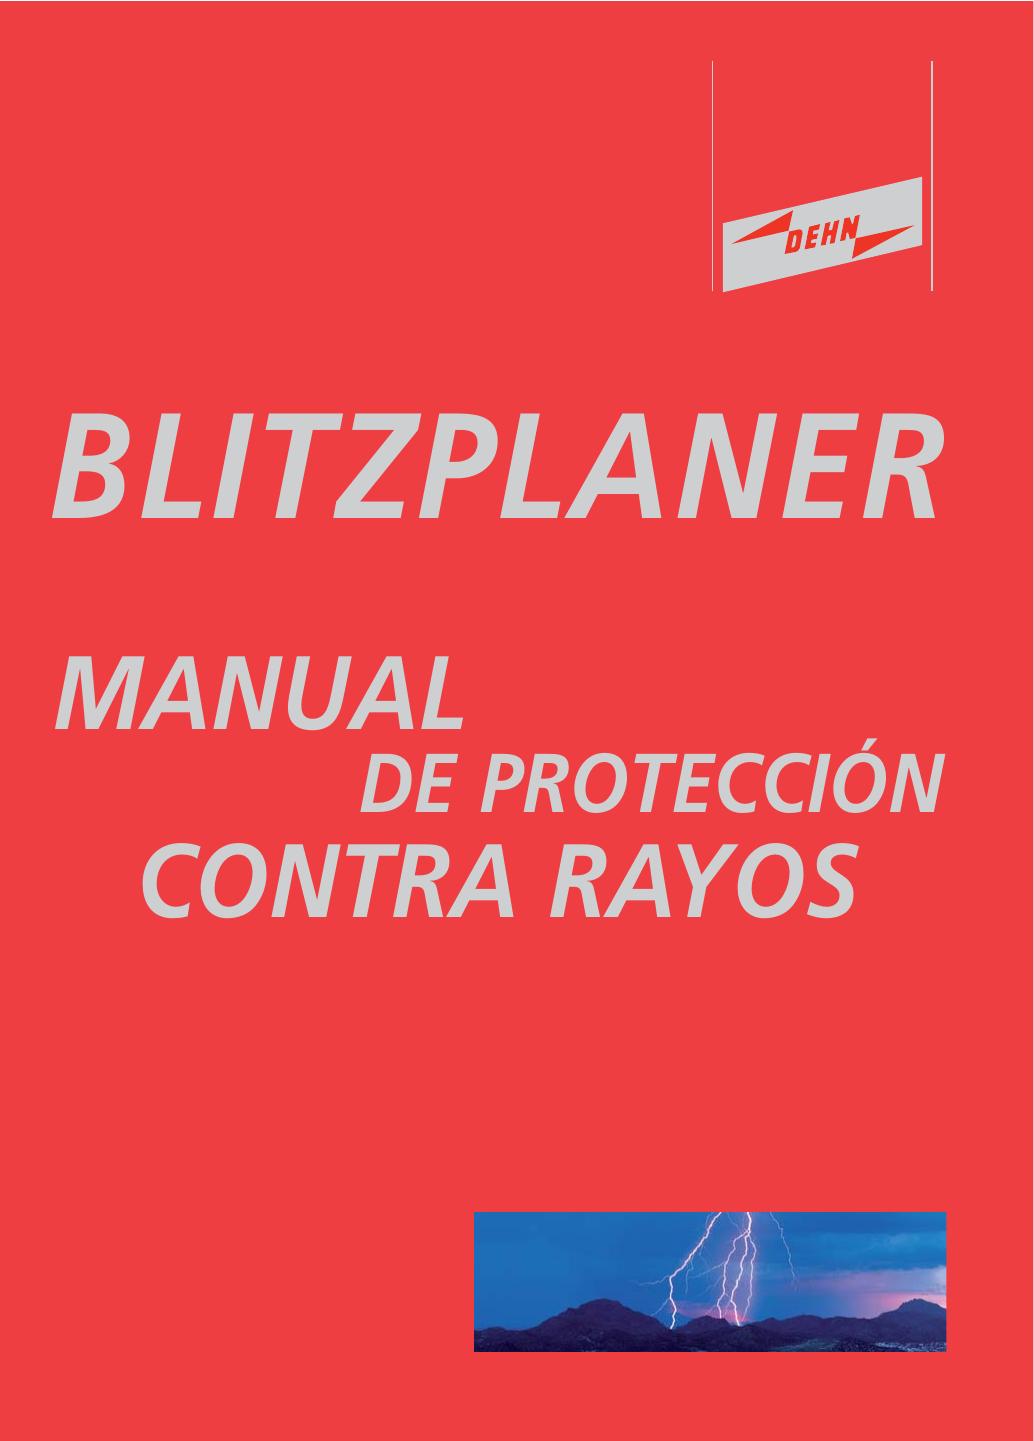 extensi/ón de garant/ía TI 36X Pro funda protectora